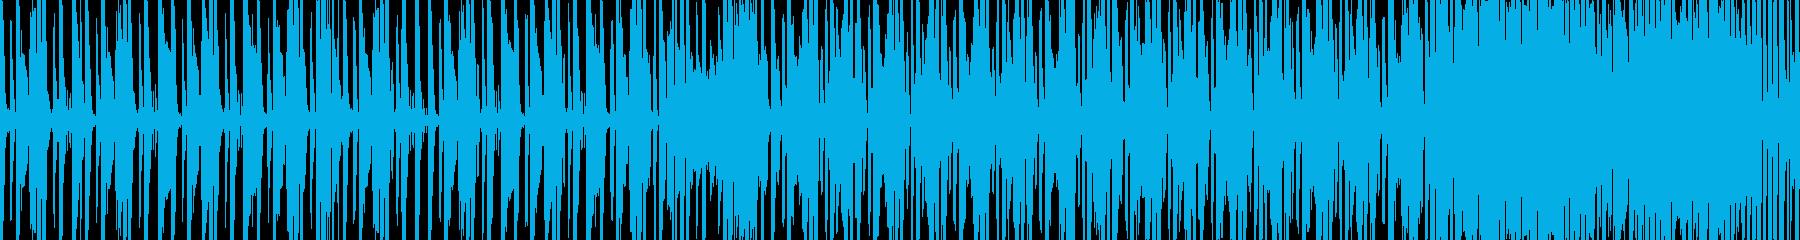 ファンク ビンテージ お笑い 面白...の再生済みの波形